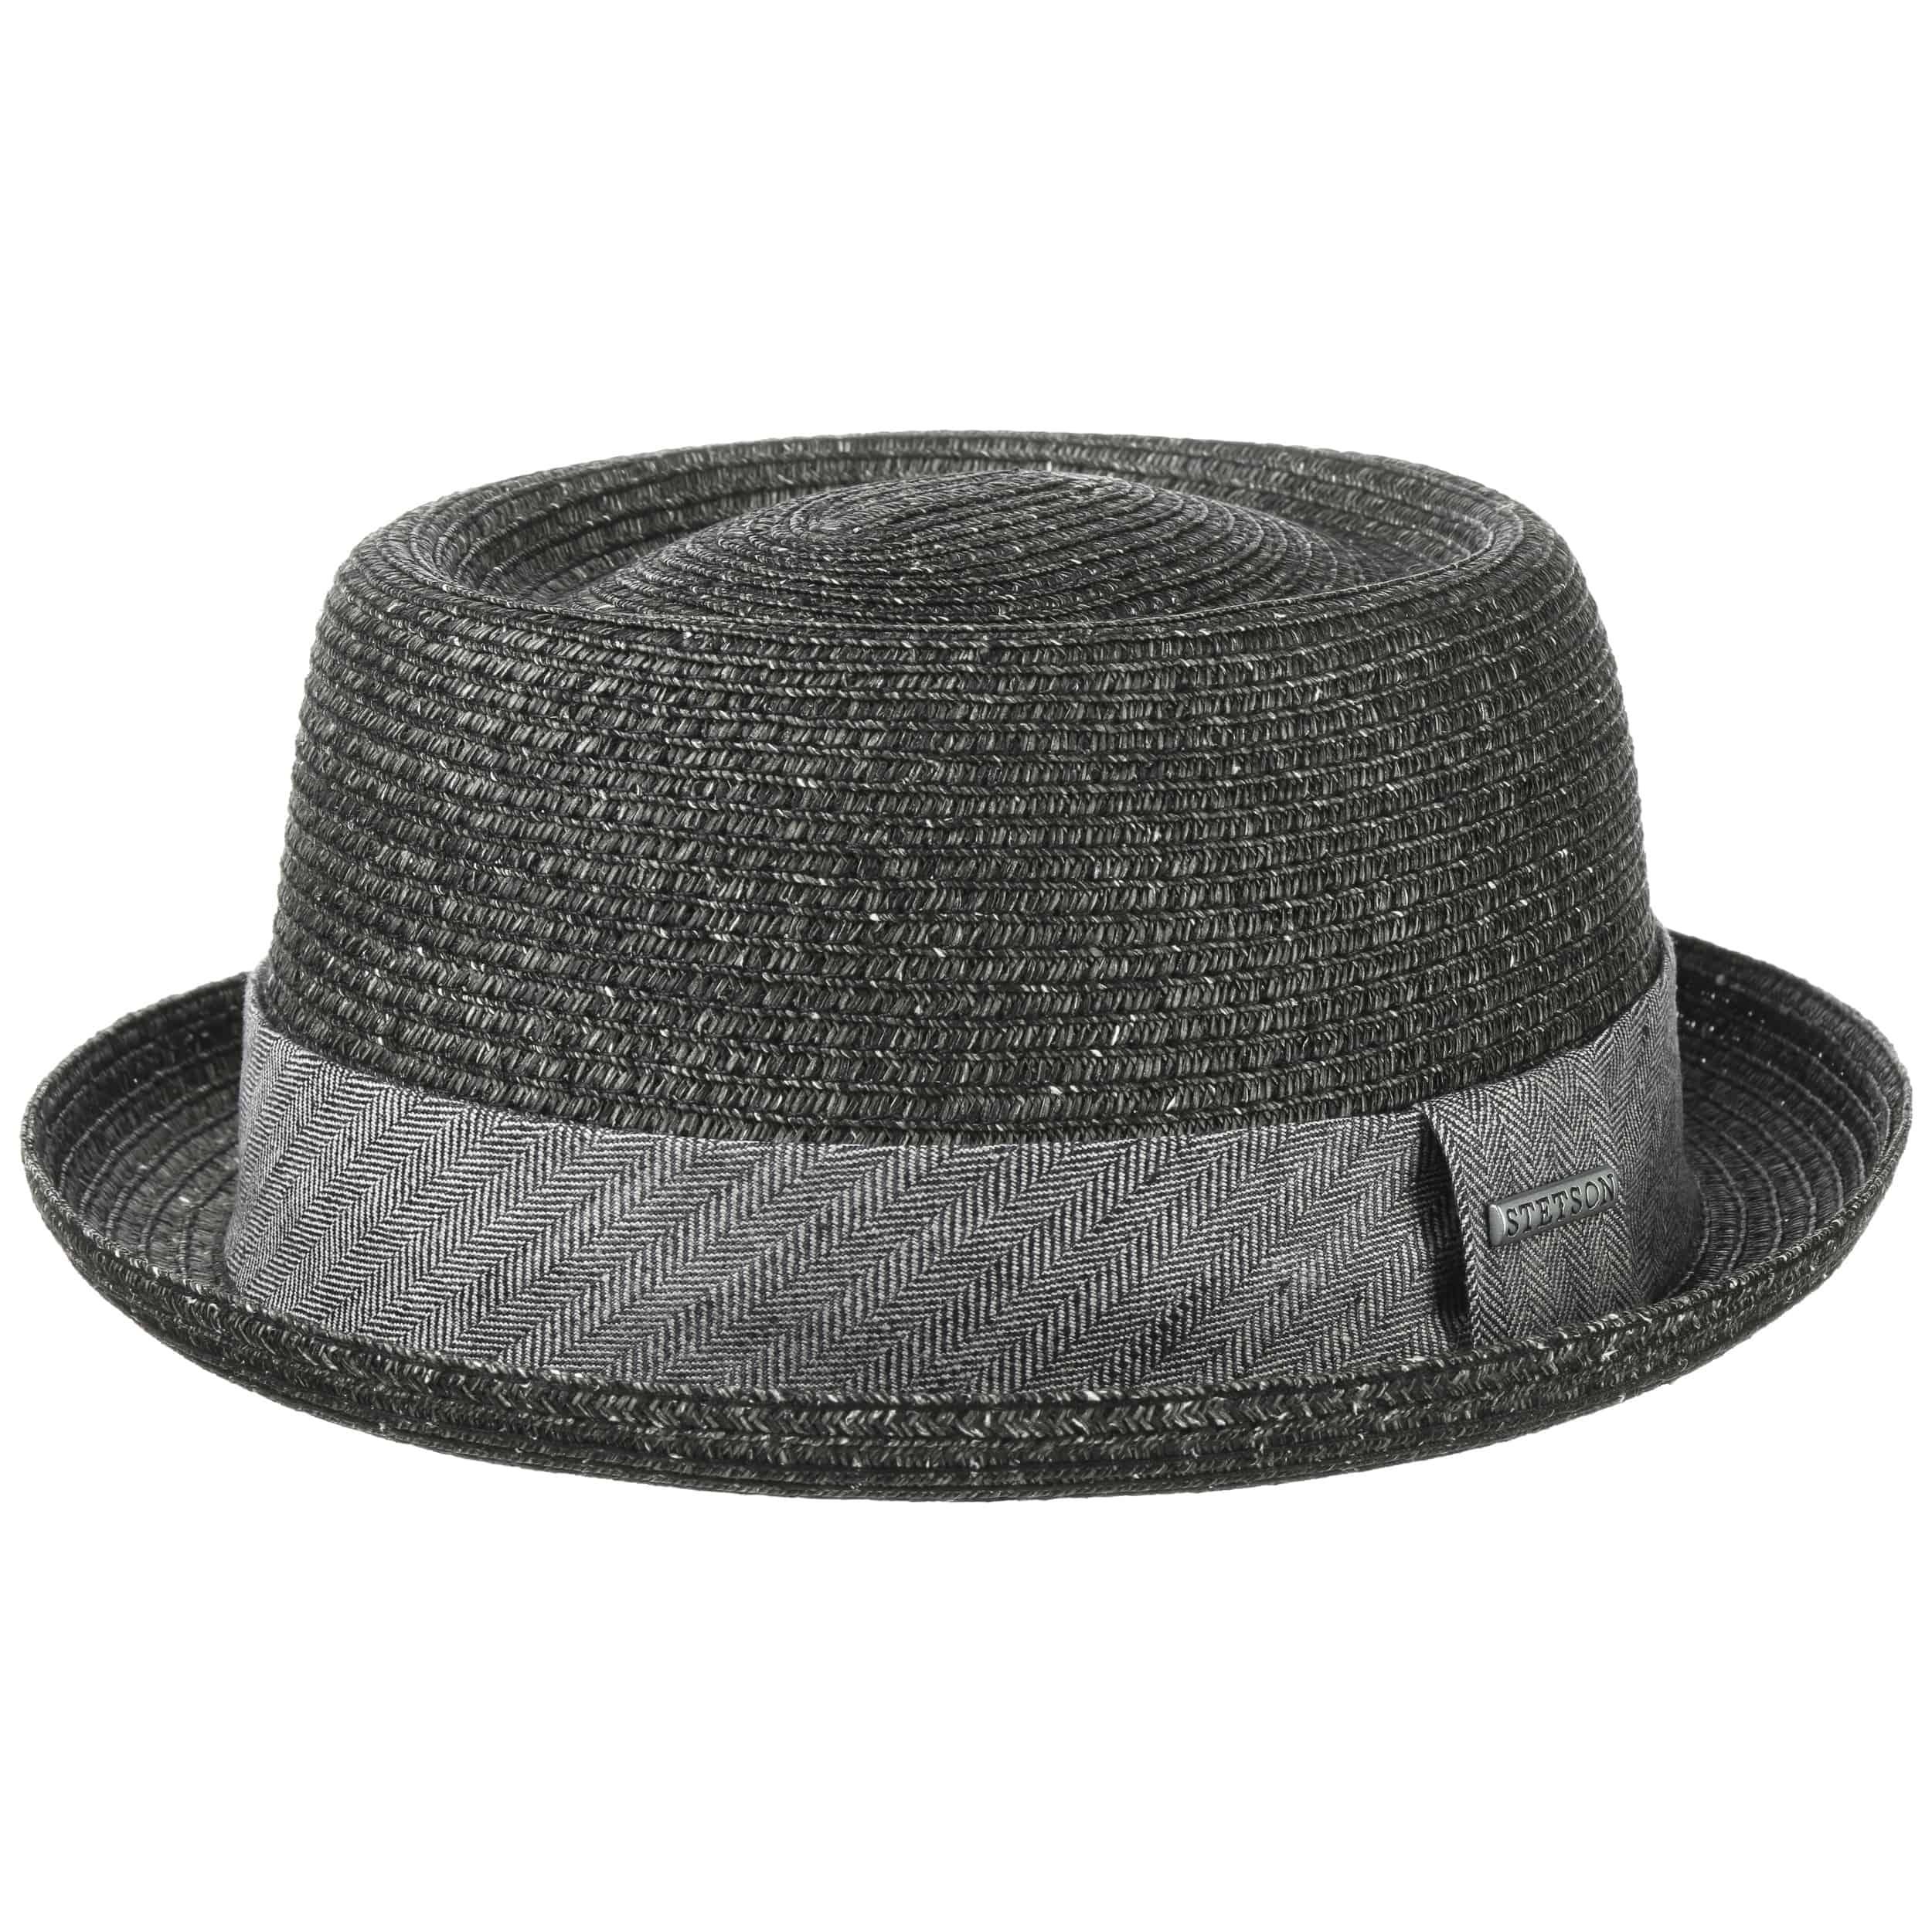 Sombrero de paja tipo /«Pork pie/» Hawkins